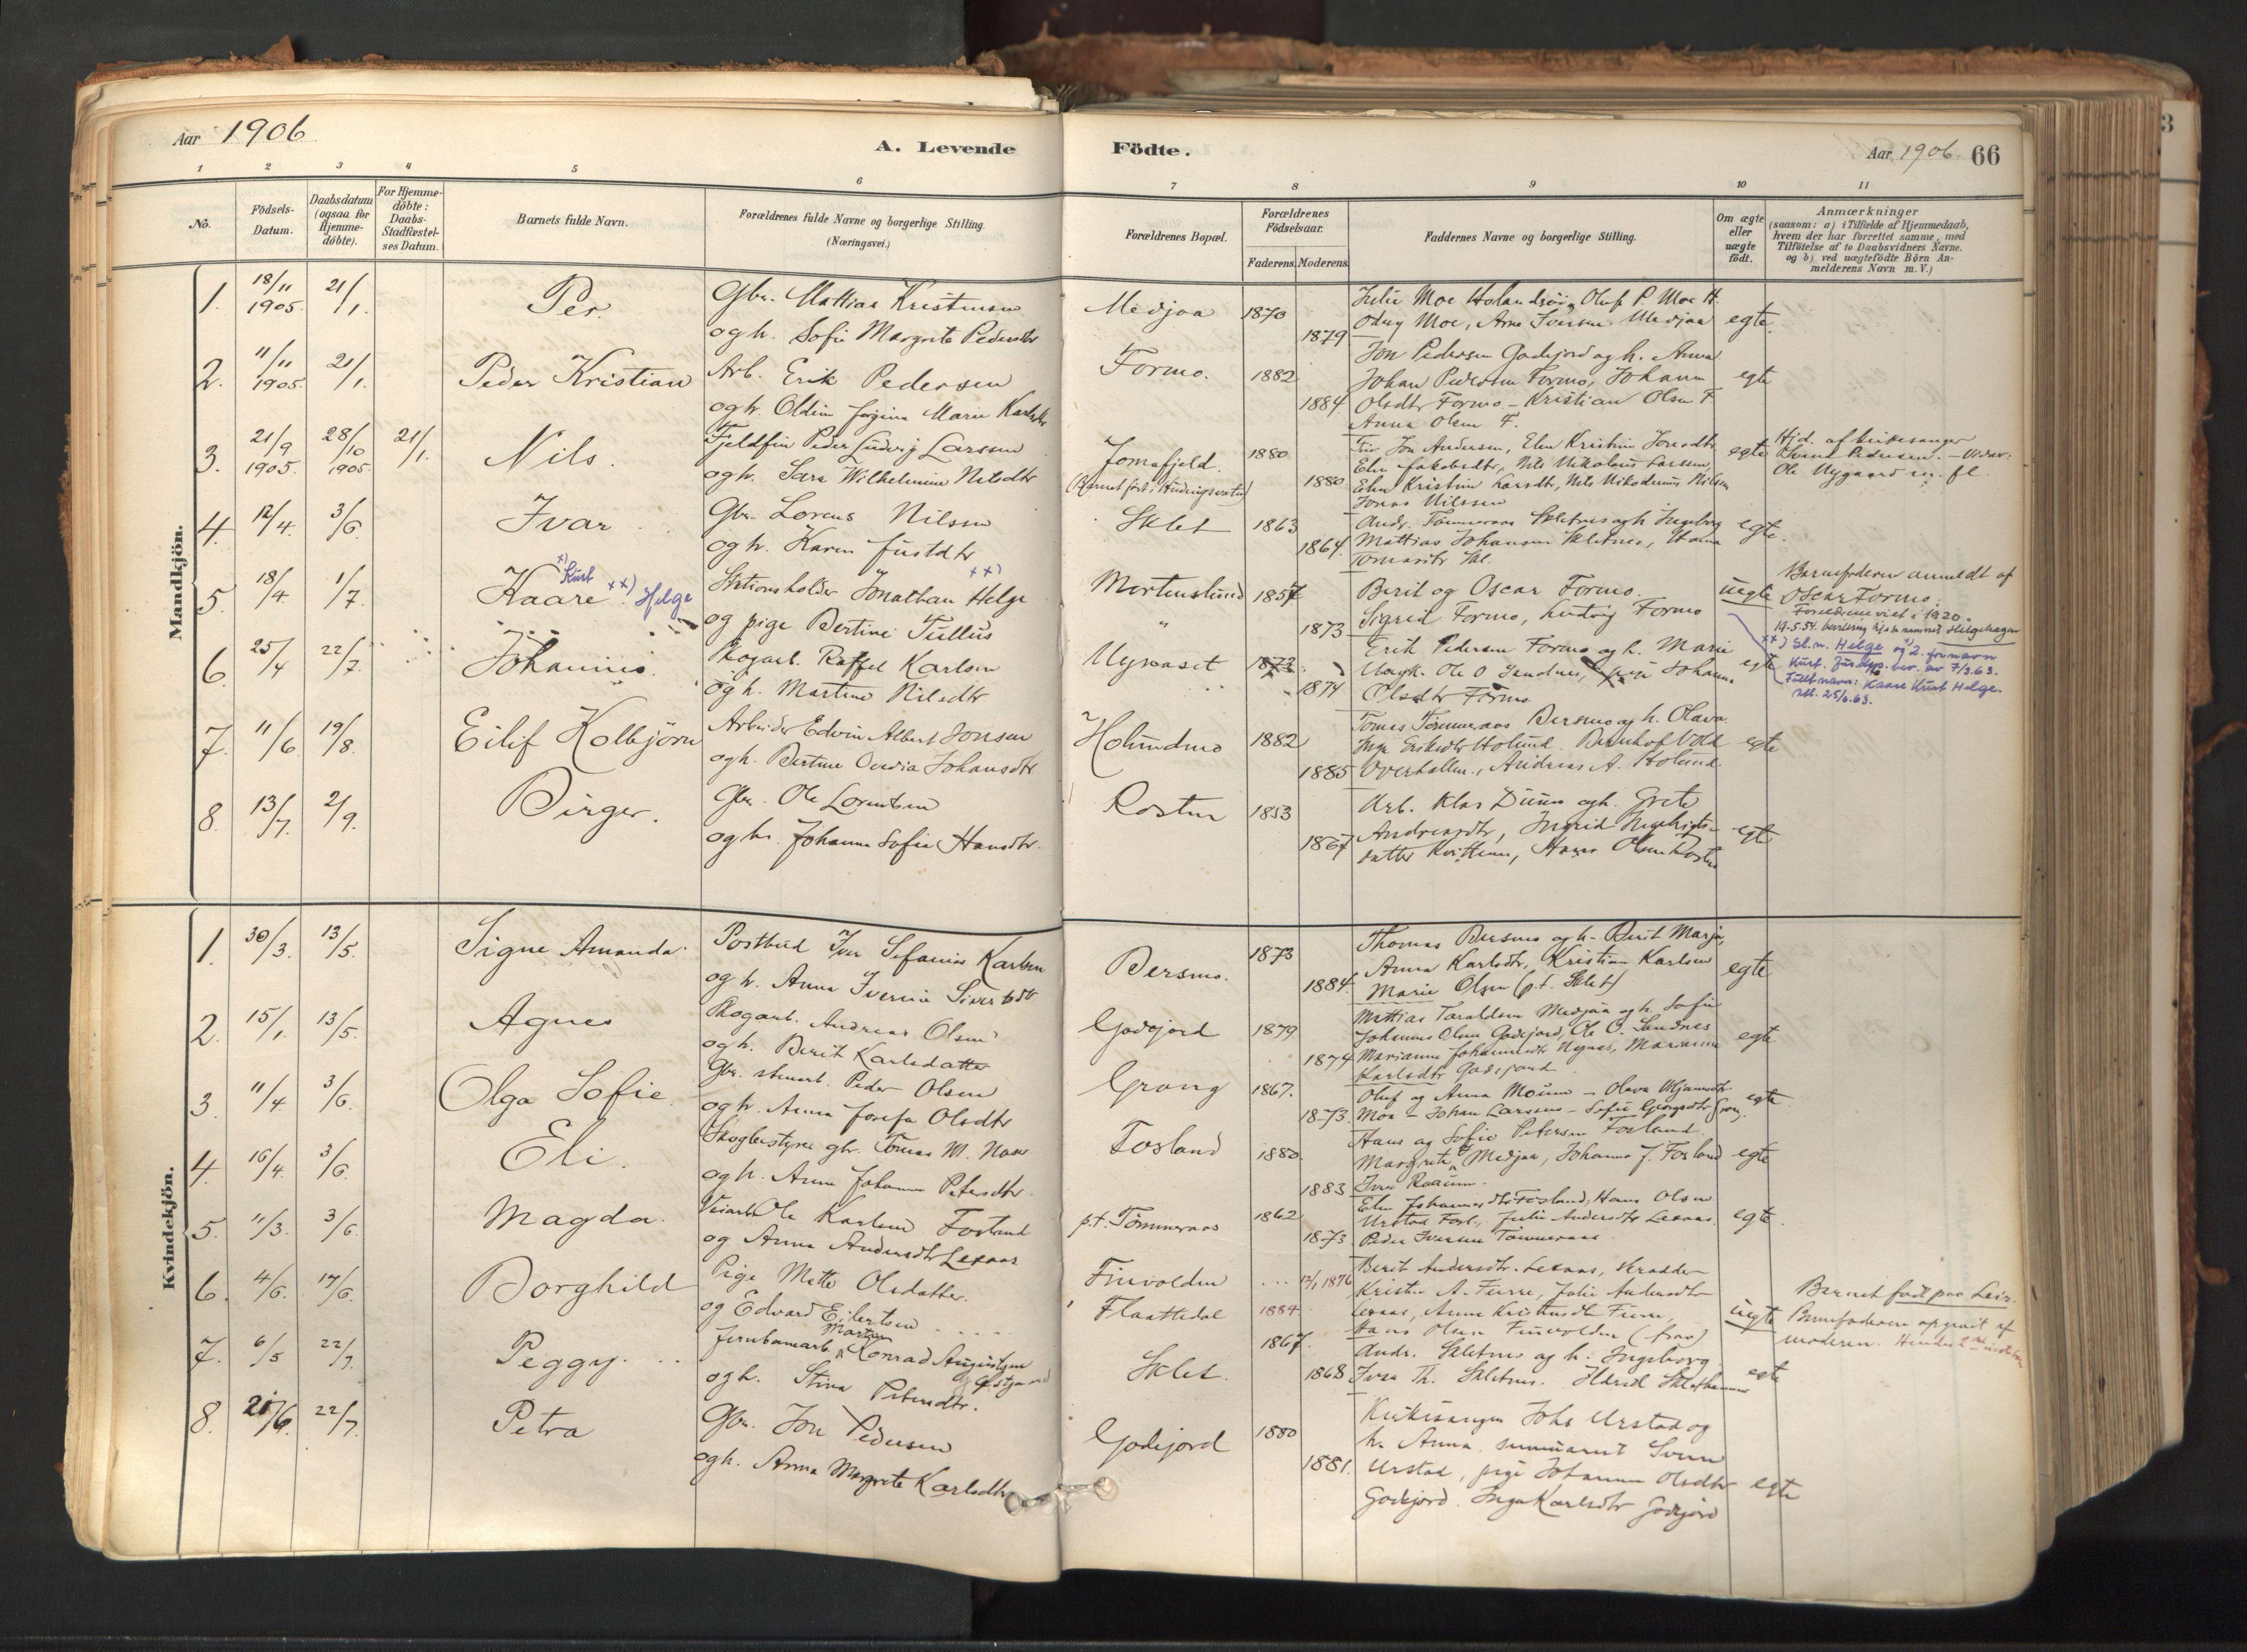 SAT, Ministerialprotokoller, klokkerbøker og fødselsregistre - Nord-Trøndelag, 758/L0519: Ministerialbok nr. 758A04, 1880-1926, s. 66